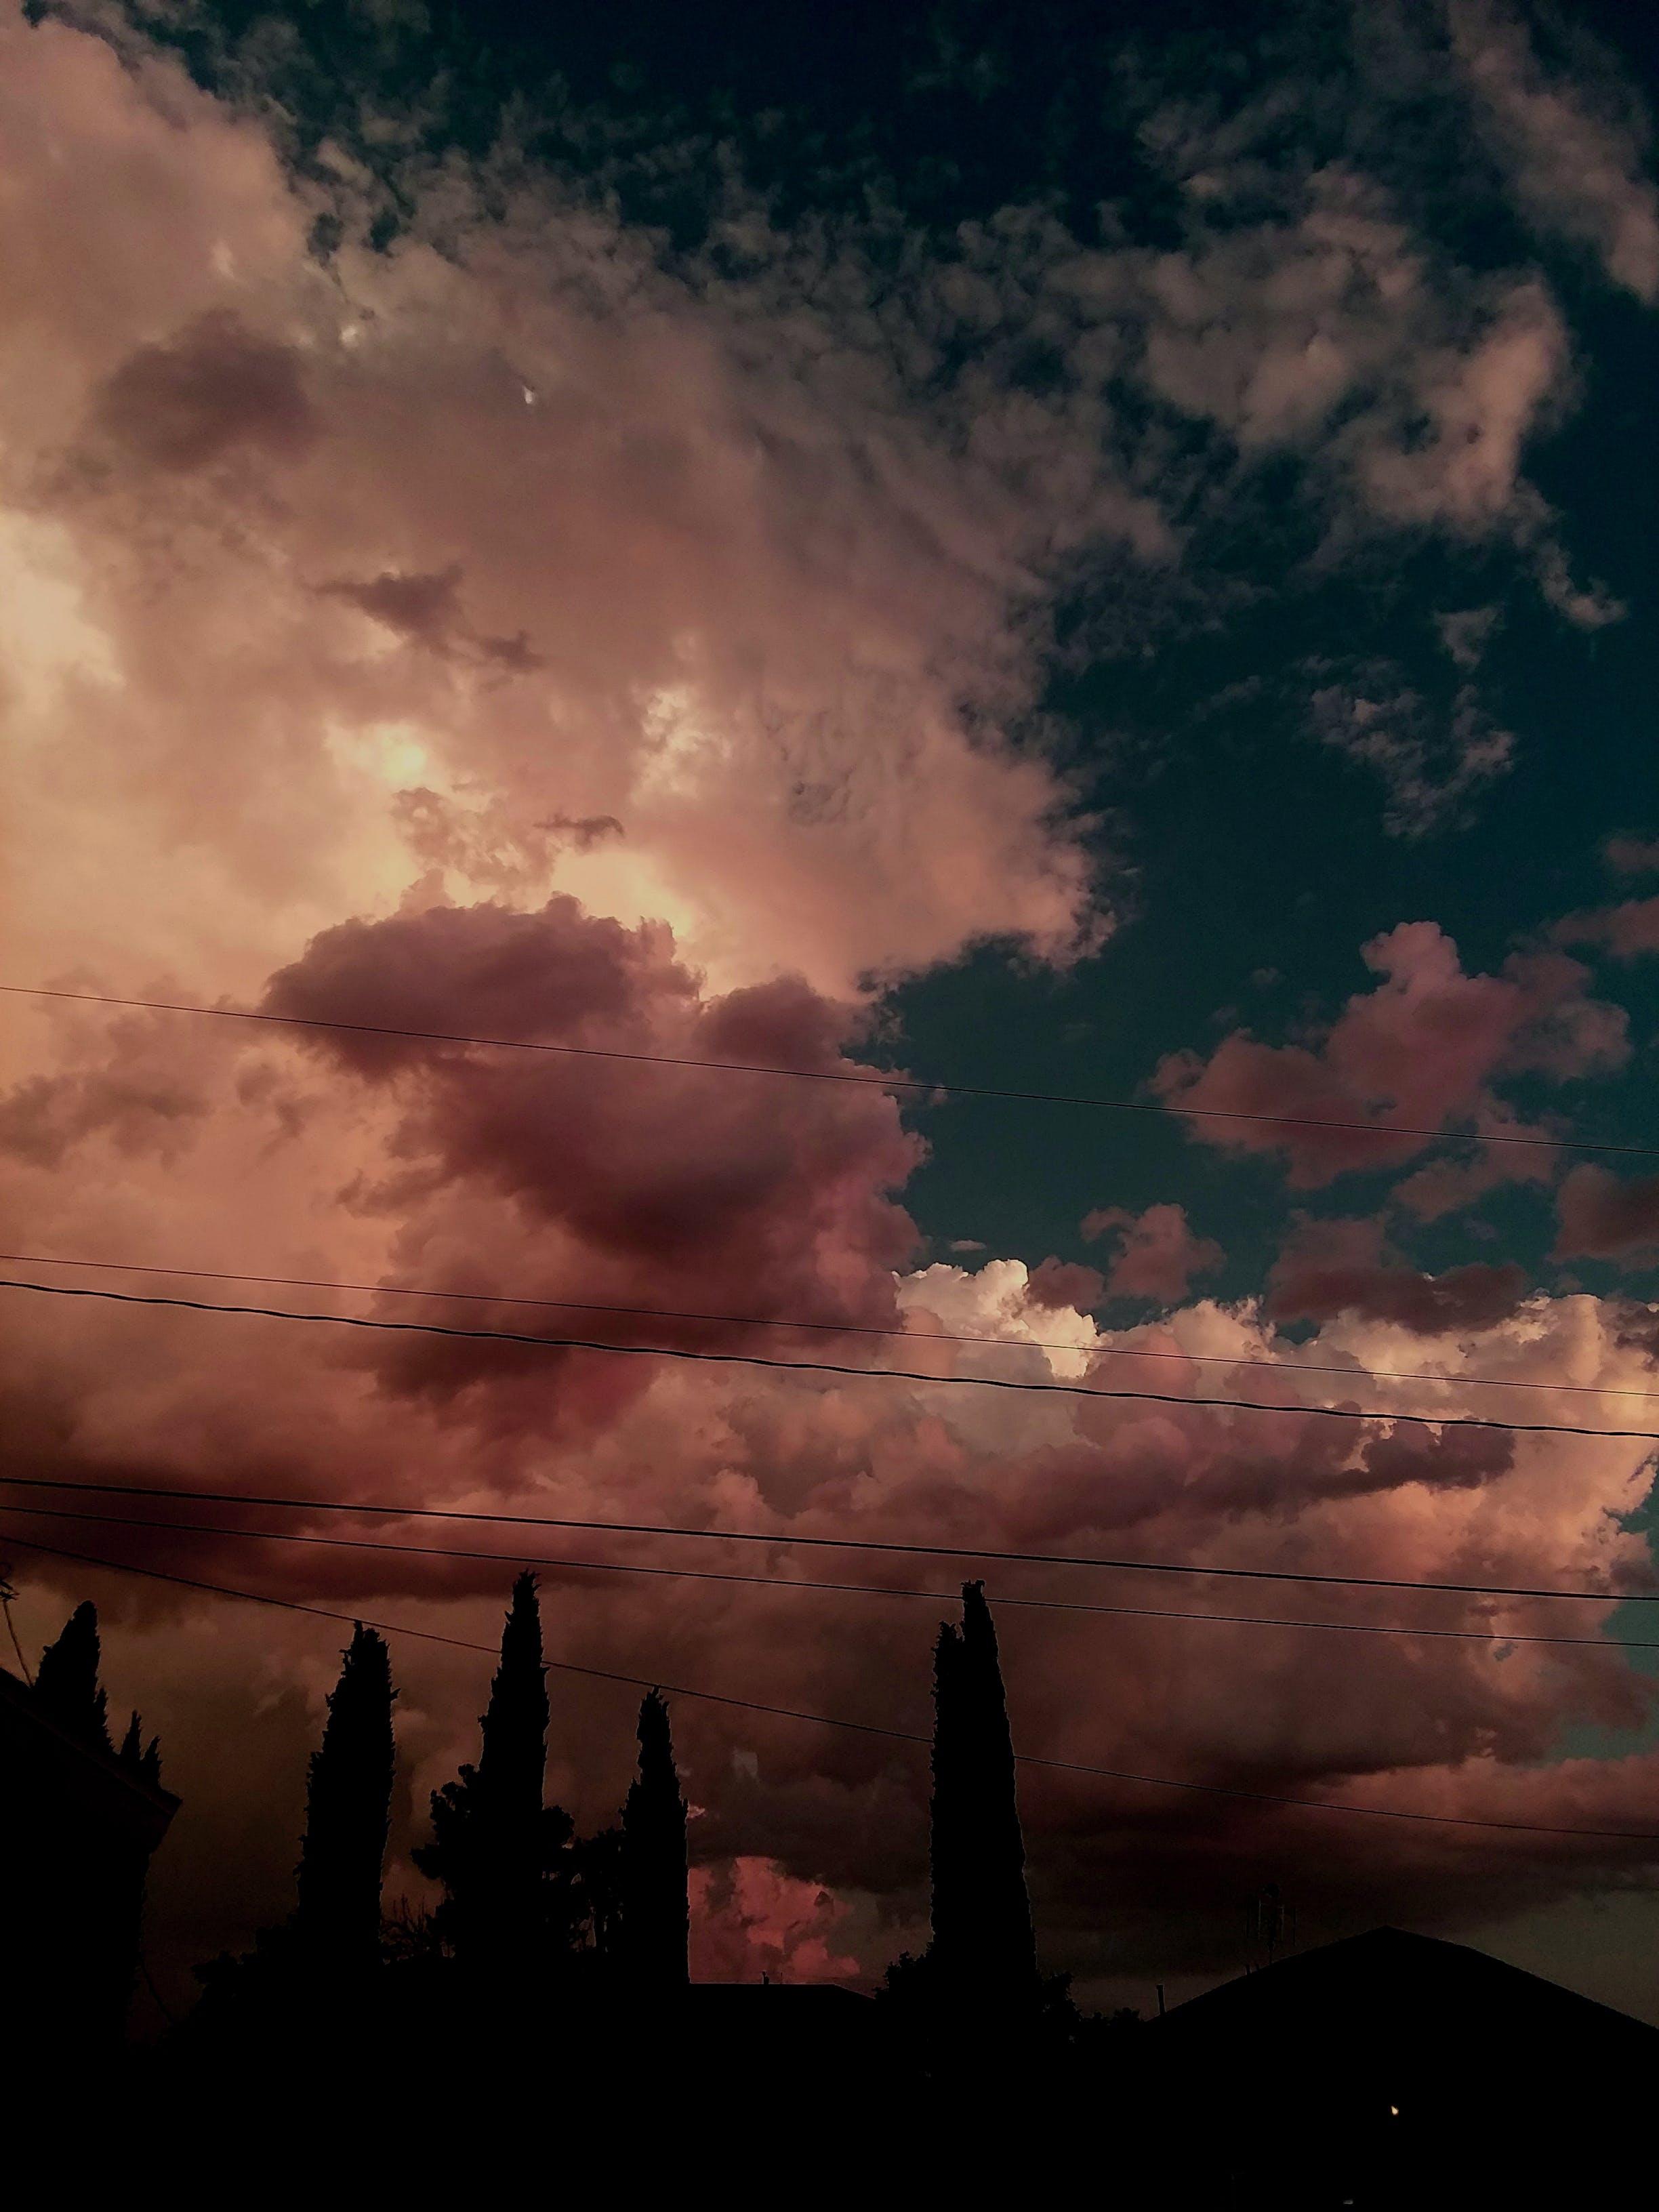 bouře, déšť, dramatický